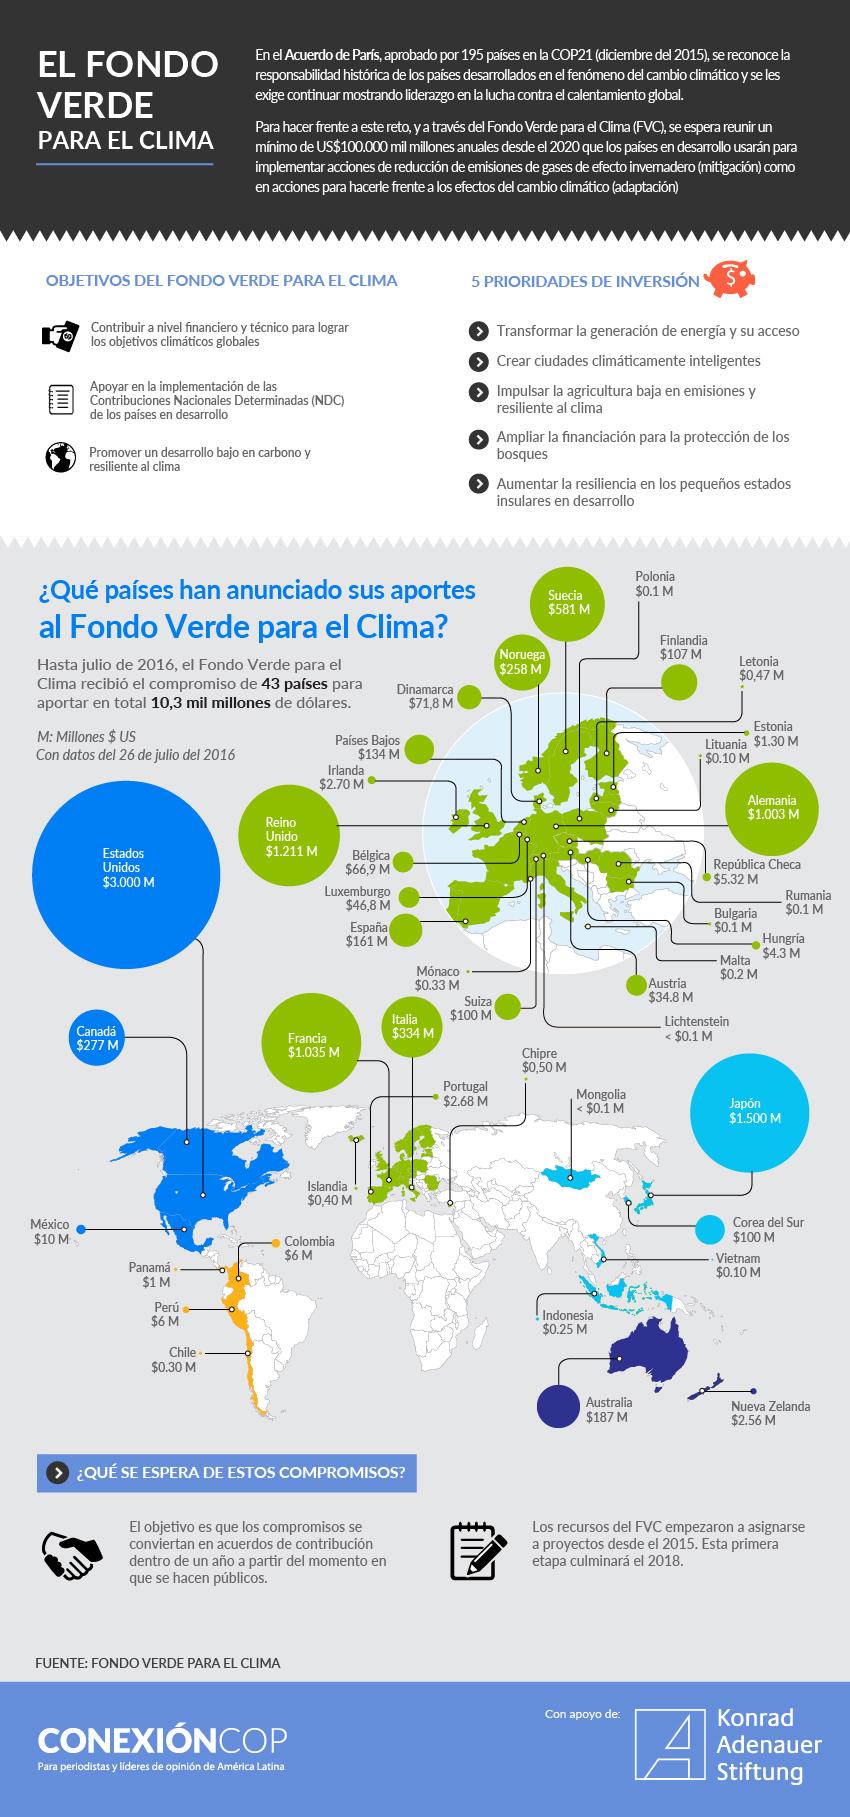 fondo_verde_para_ clima_mapa_aportes